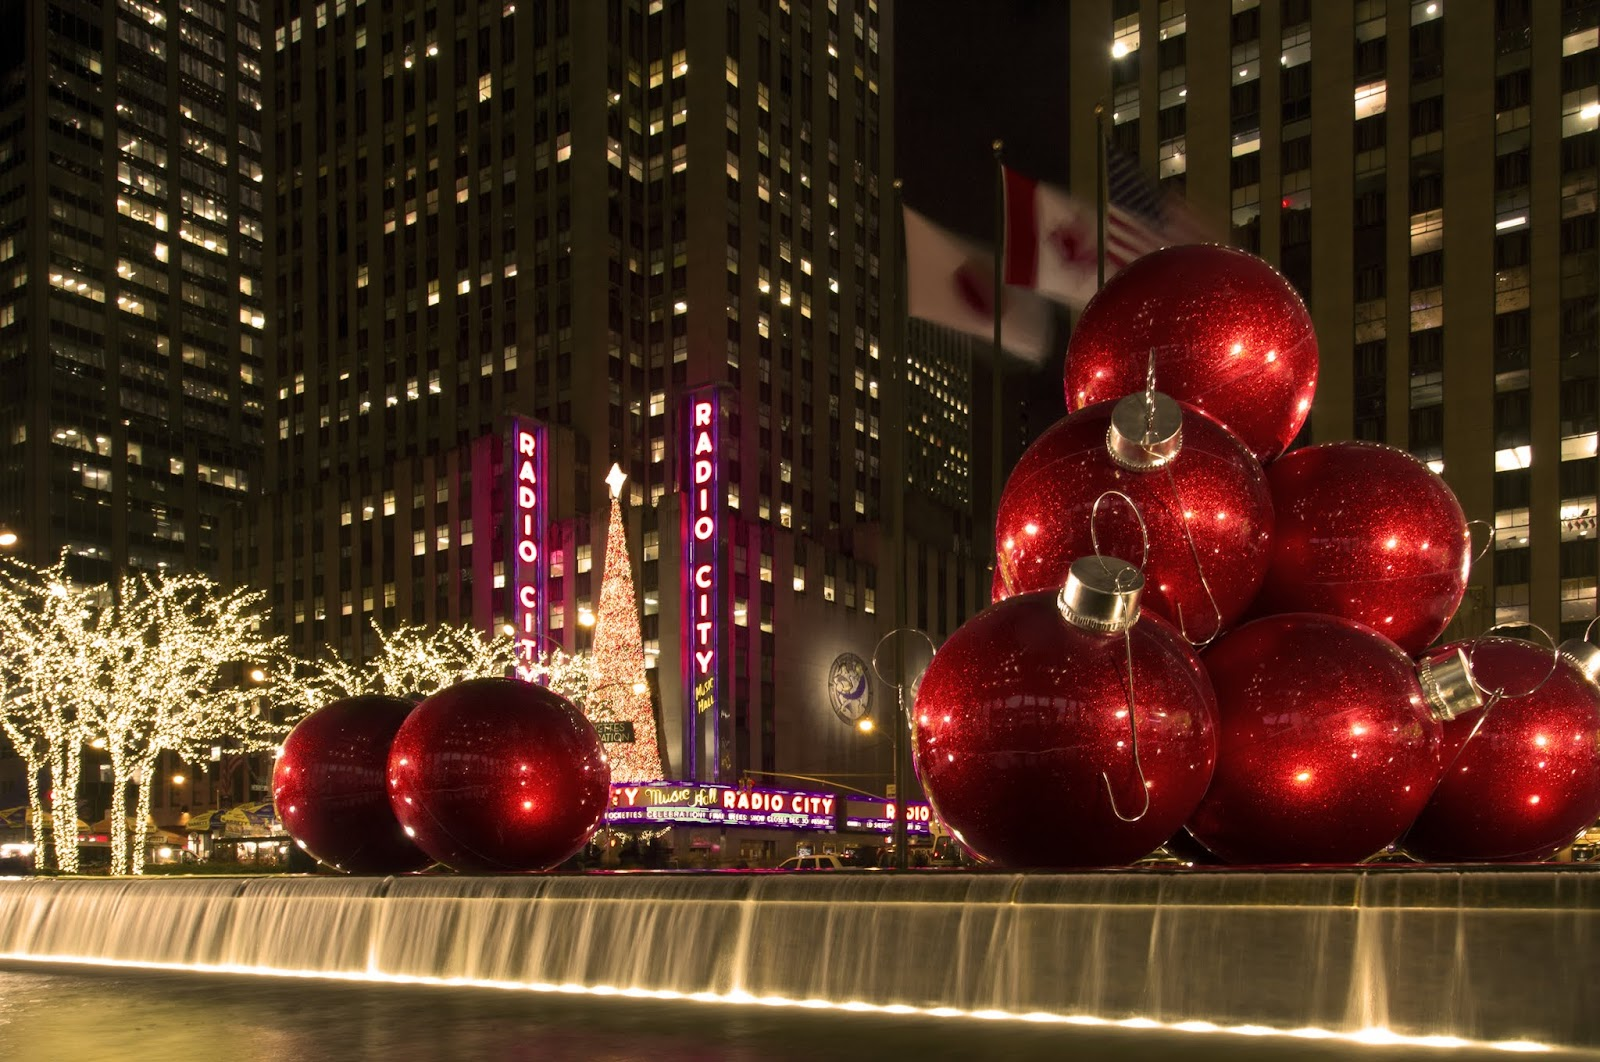 genickstarre nyc weihnachten in new york. Black Bedroom Furniture Sets. Home Design Ideas